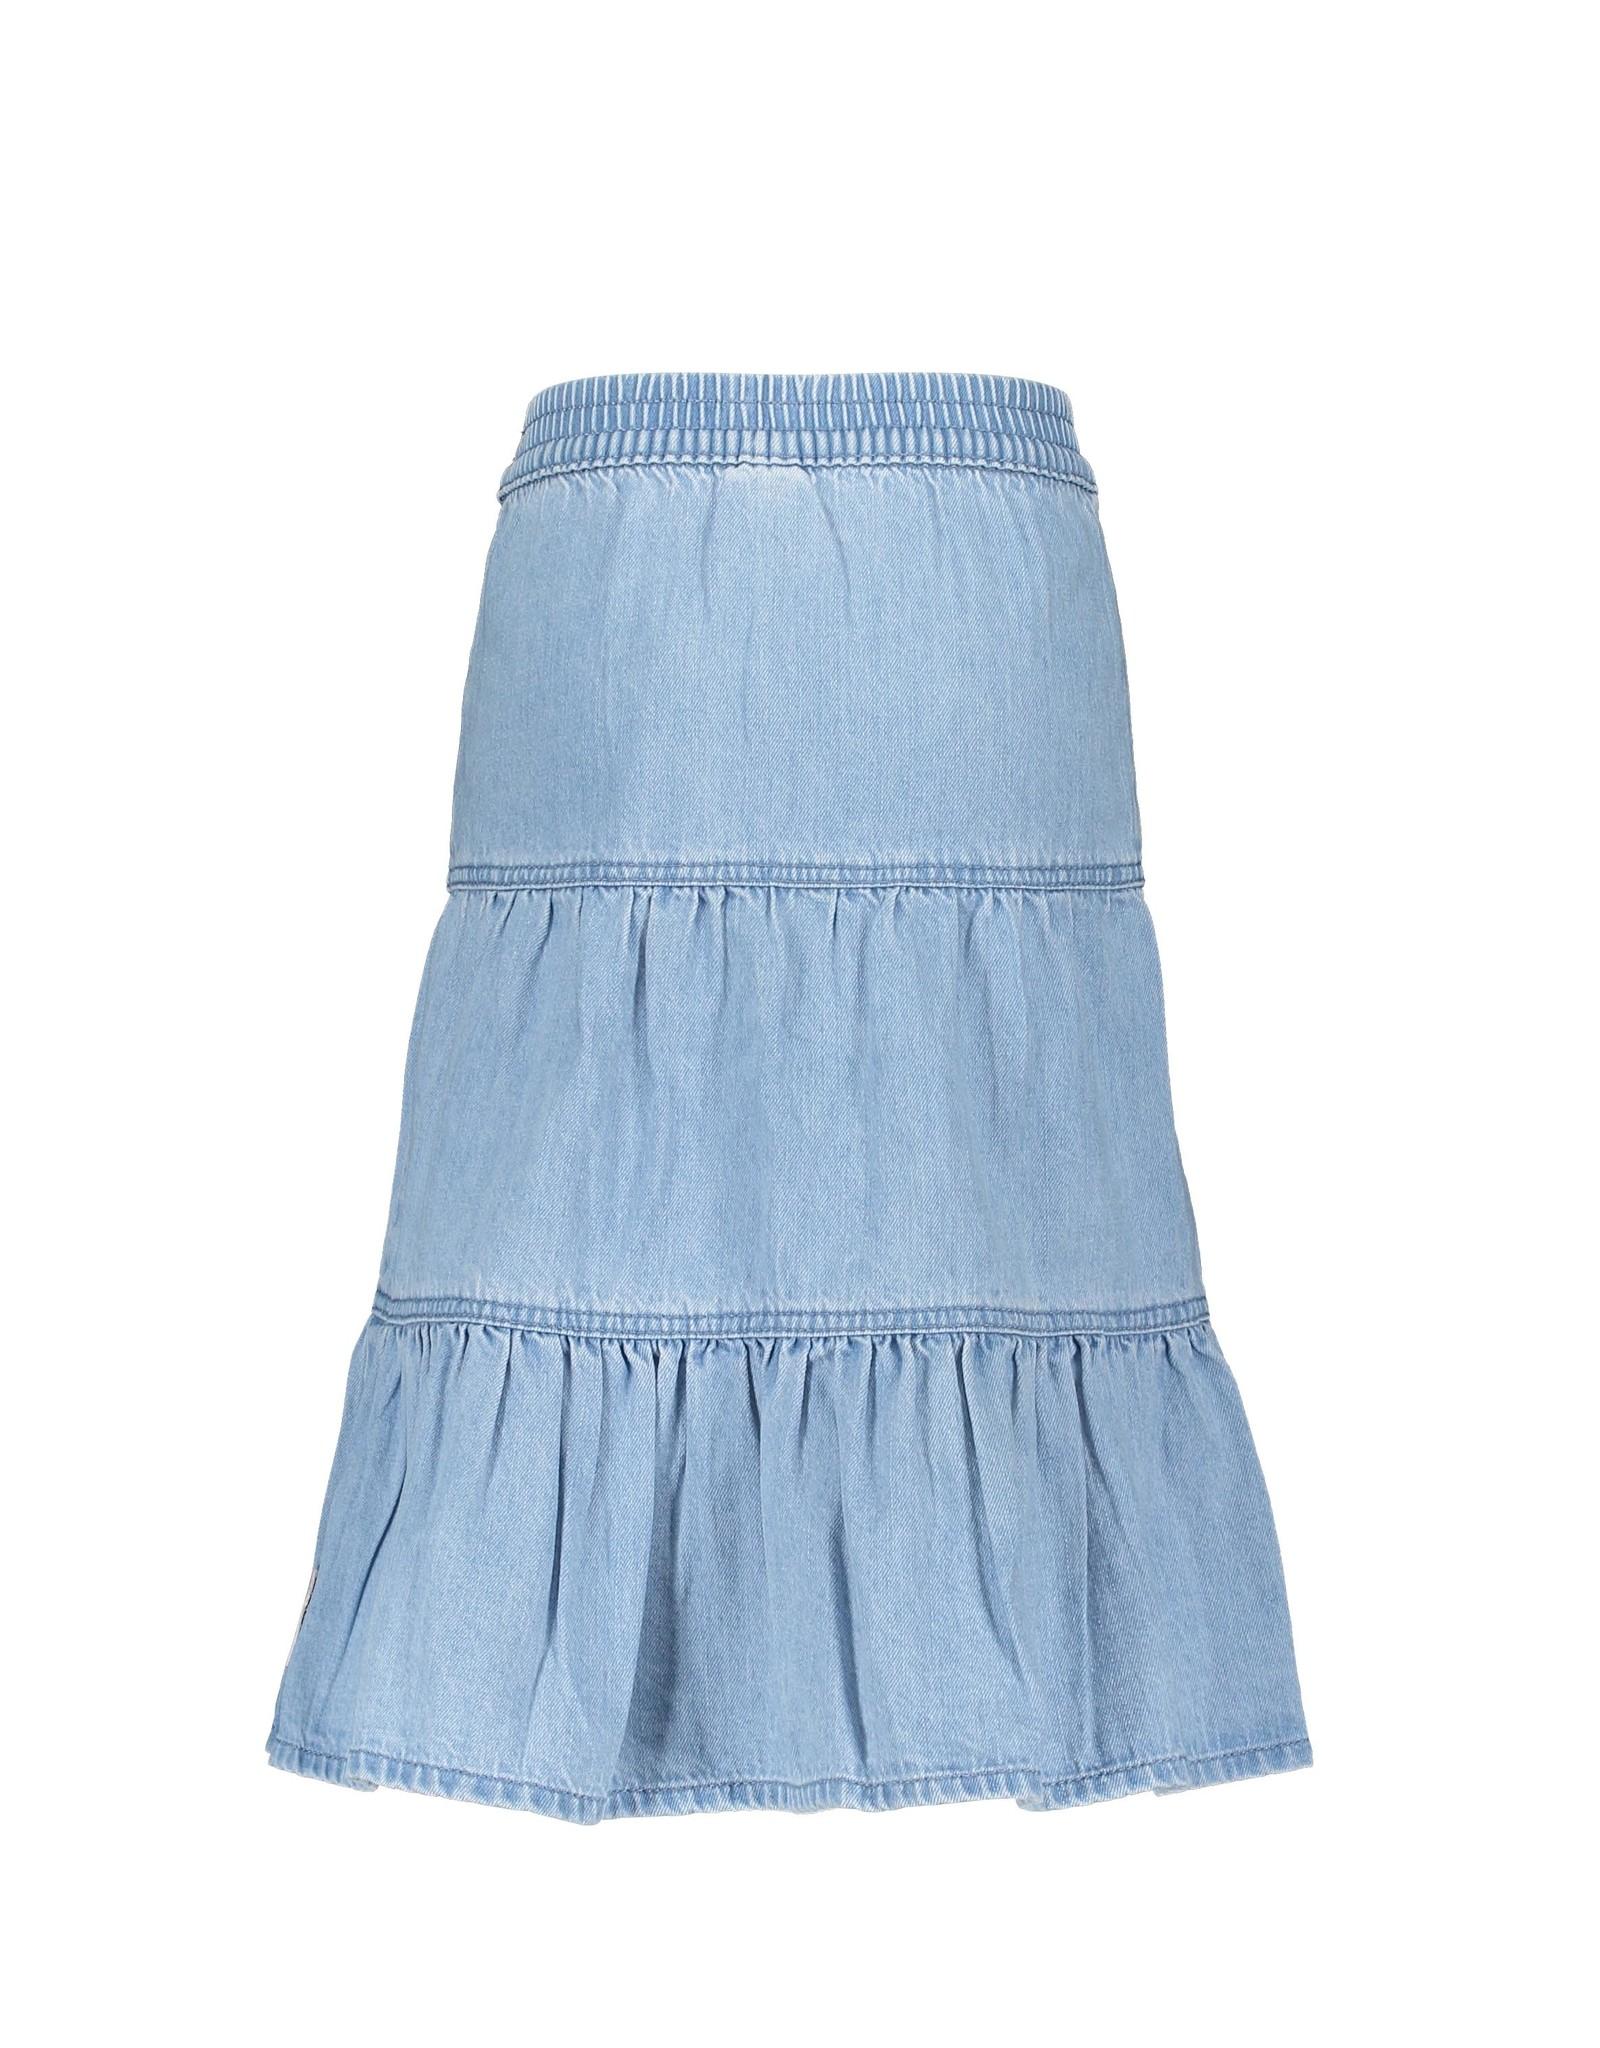 B.Nosy Girls denim skirt 3 part